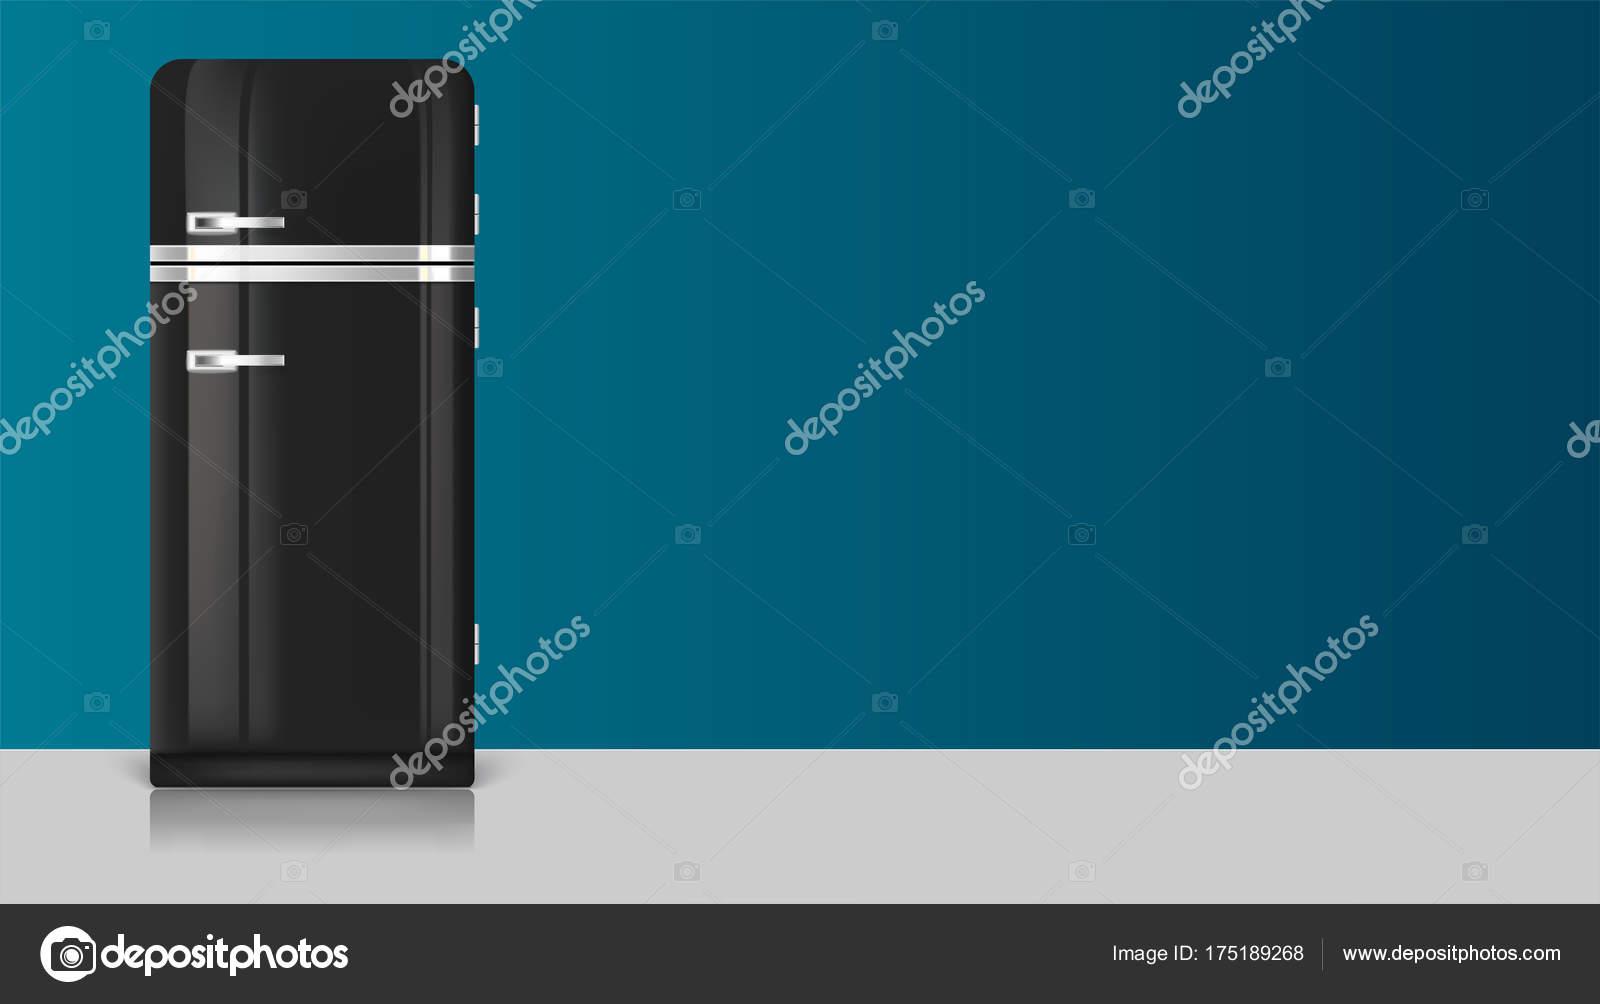 Kühlschrank Retro Schwarz : Realistische vintage schwarz kühlschrank symbol. vorlage mit retro